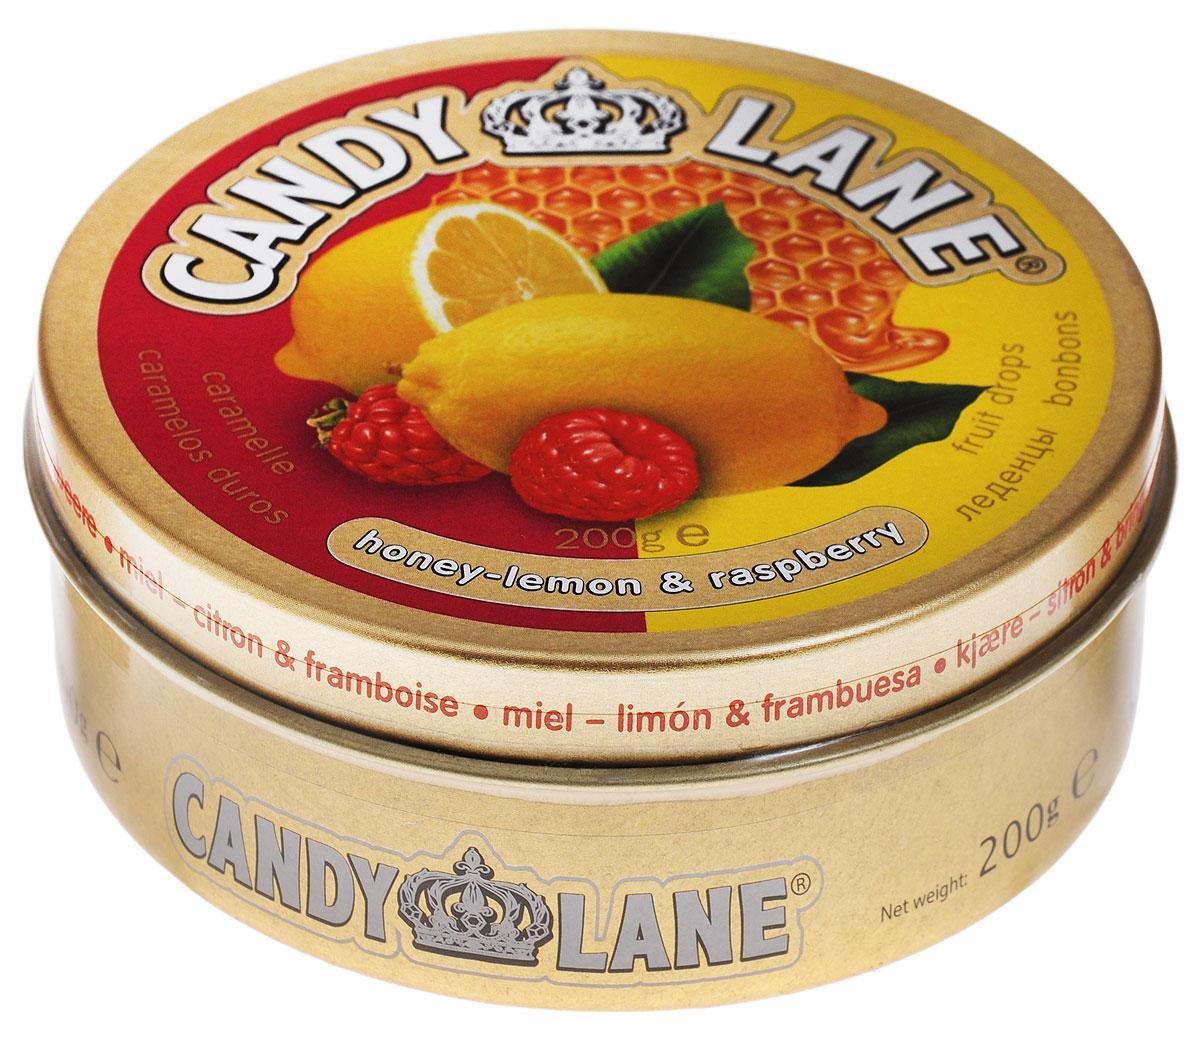 цены на Сладкая Сказка Candy Lane Мед, лимон и малина фруктовые леденцы, 200 г  в интернет-магазинах